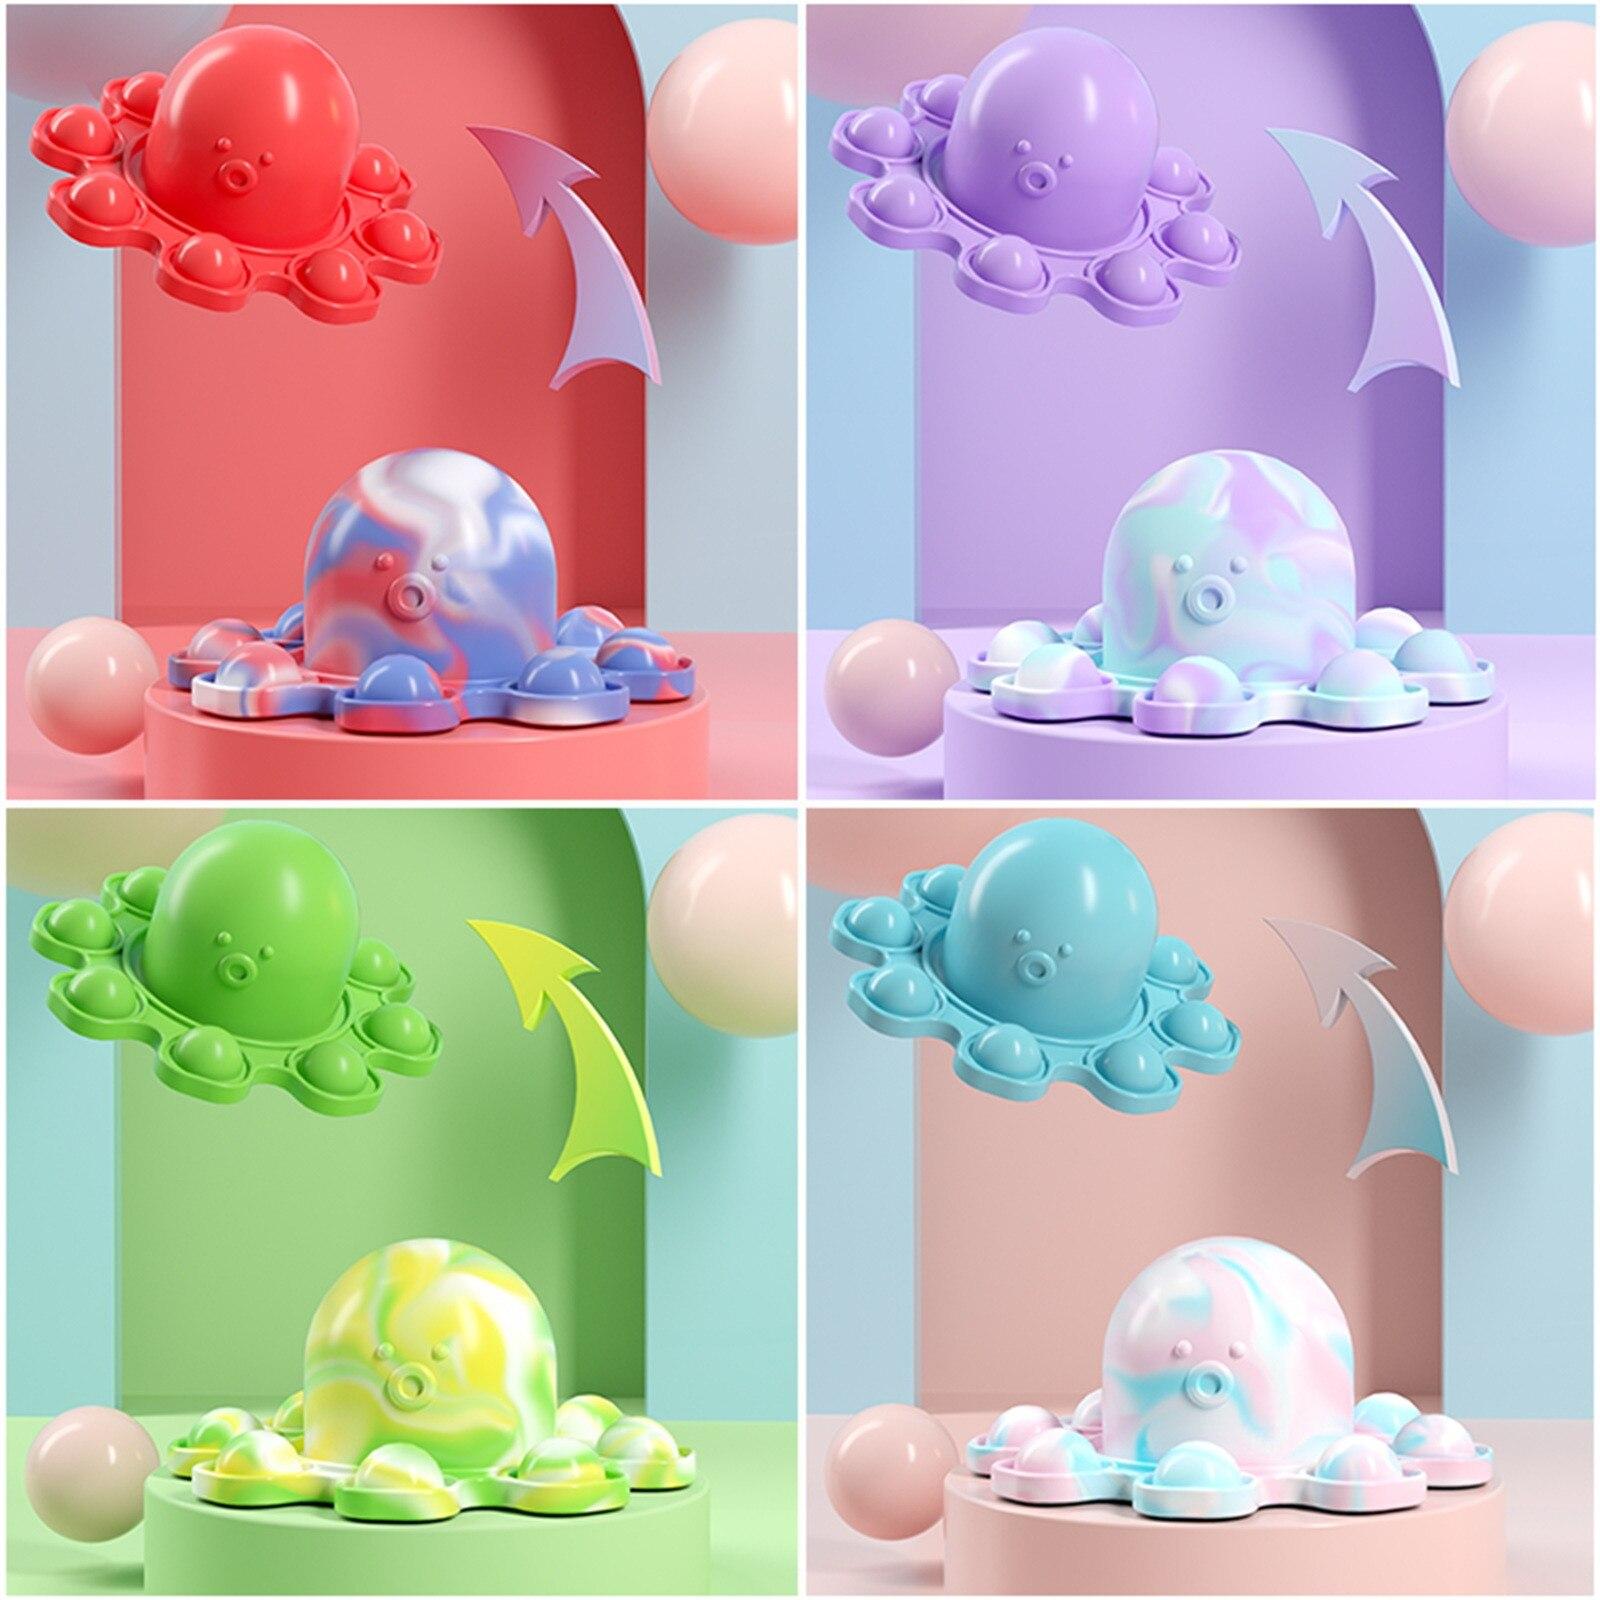 Силиконовые Реверсивный Осьминог игрушки Fidget вытолкнуть его пуш-ап пузырь поп ит простой улыбающегося аутизма сенсорные для Пижама для дет...